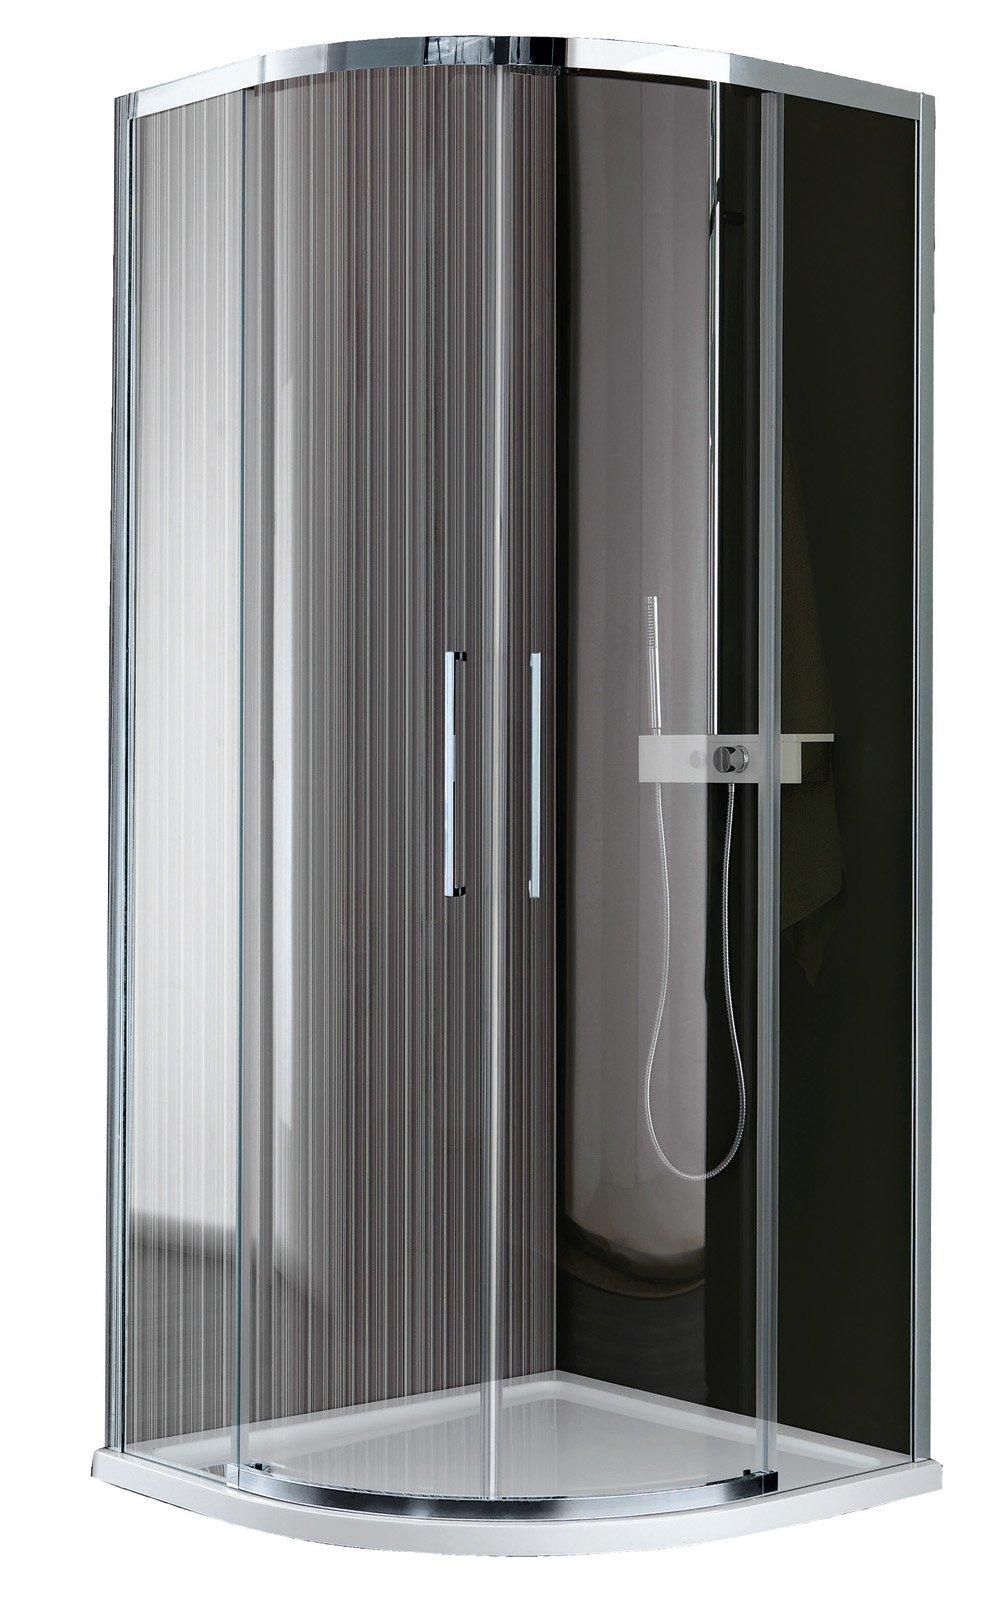 soluzioni per il bagno piccolo - cose di casa - Bagni Piccoli Moderni